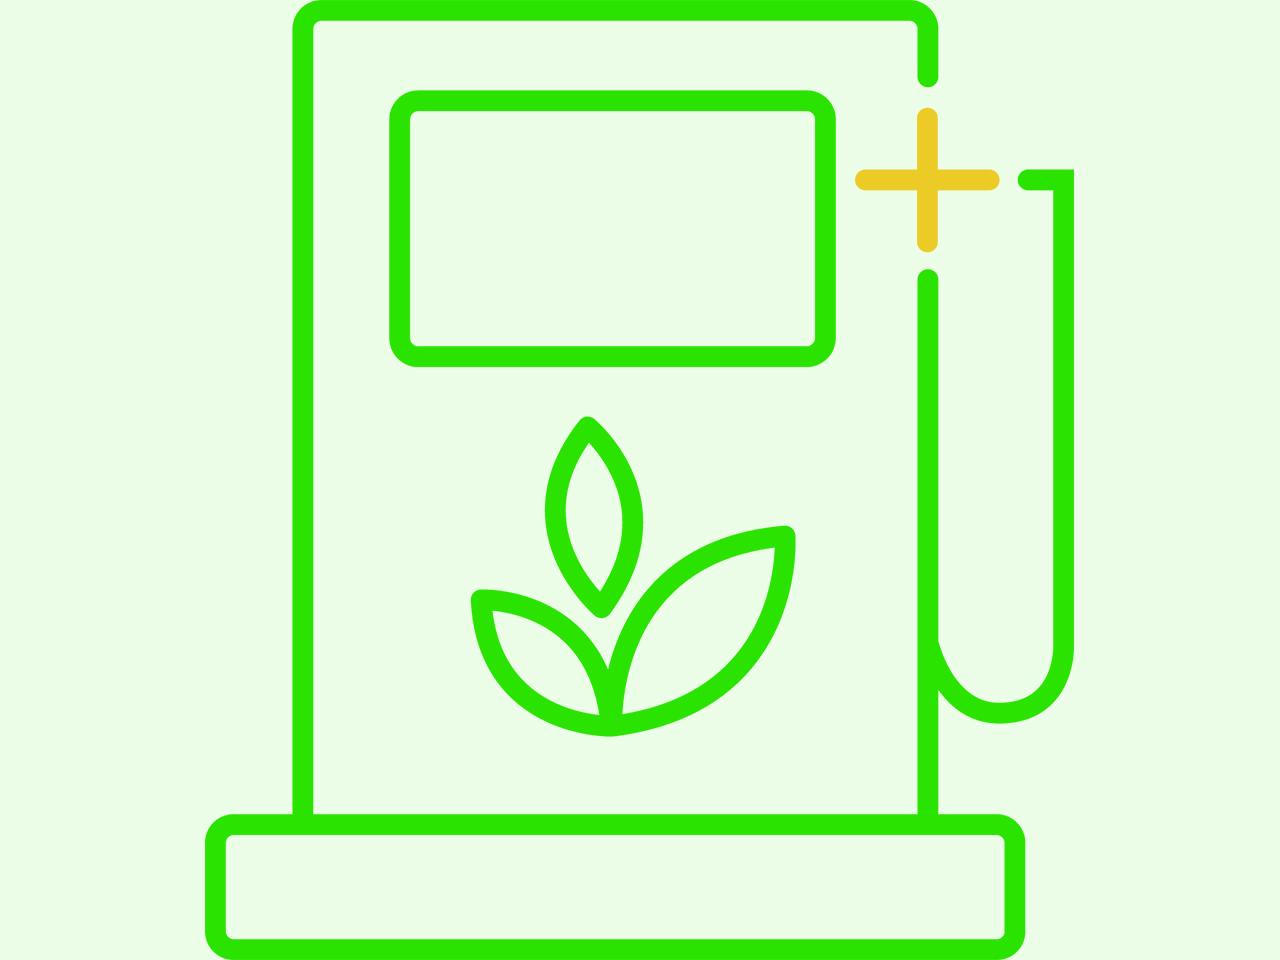 Bra Miljöval Briobränsle